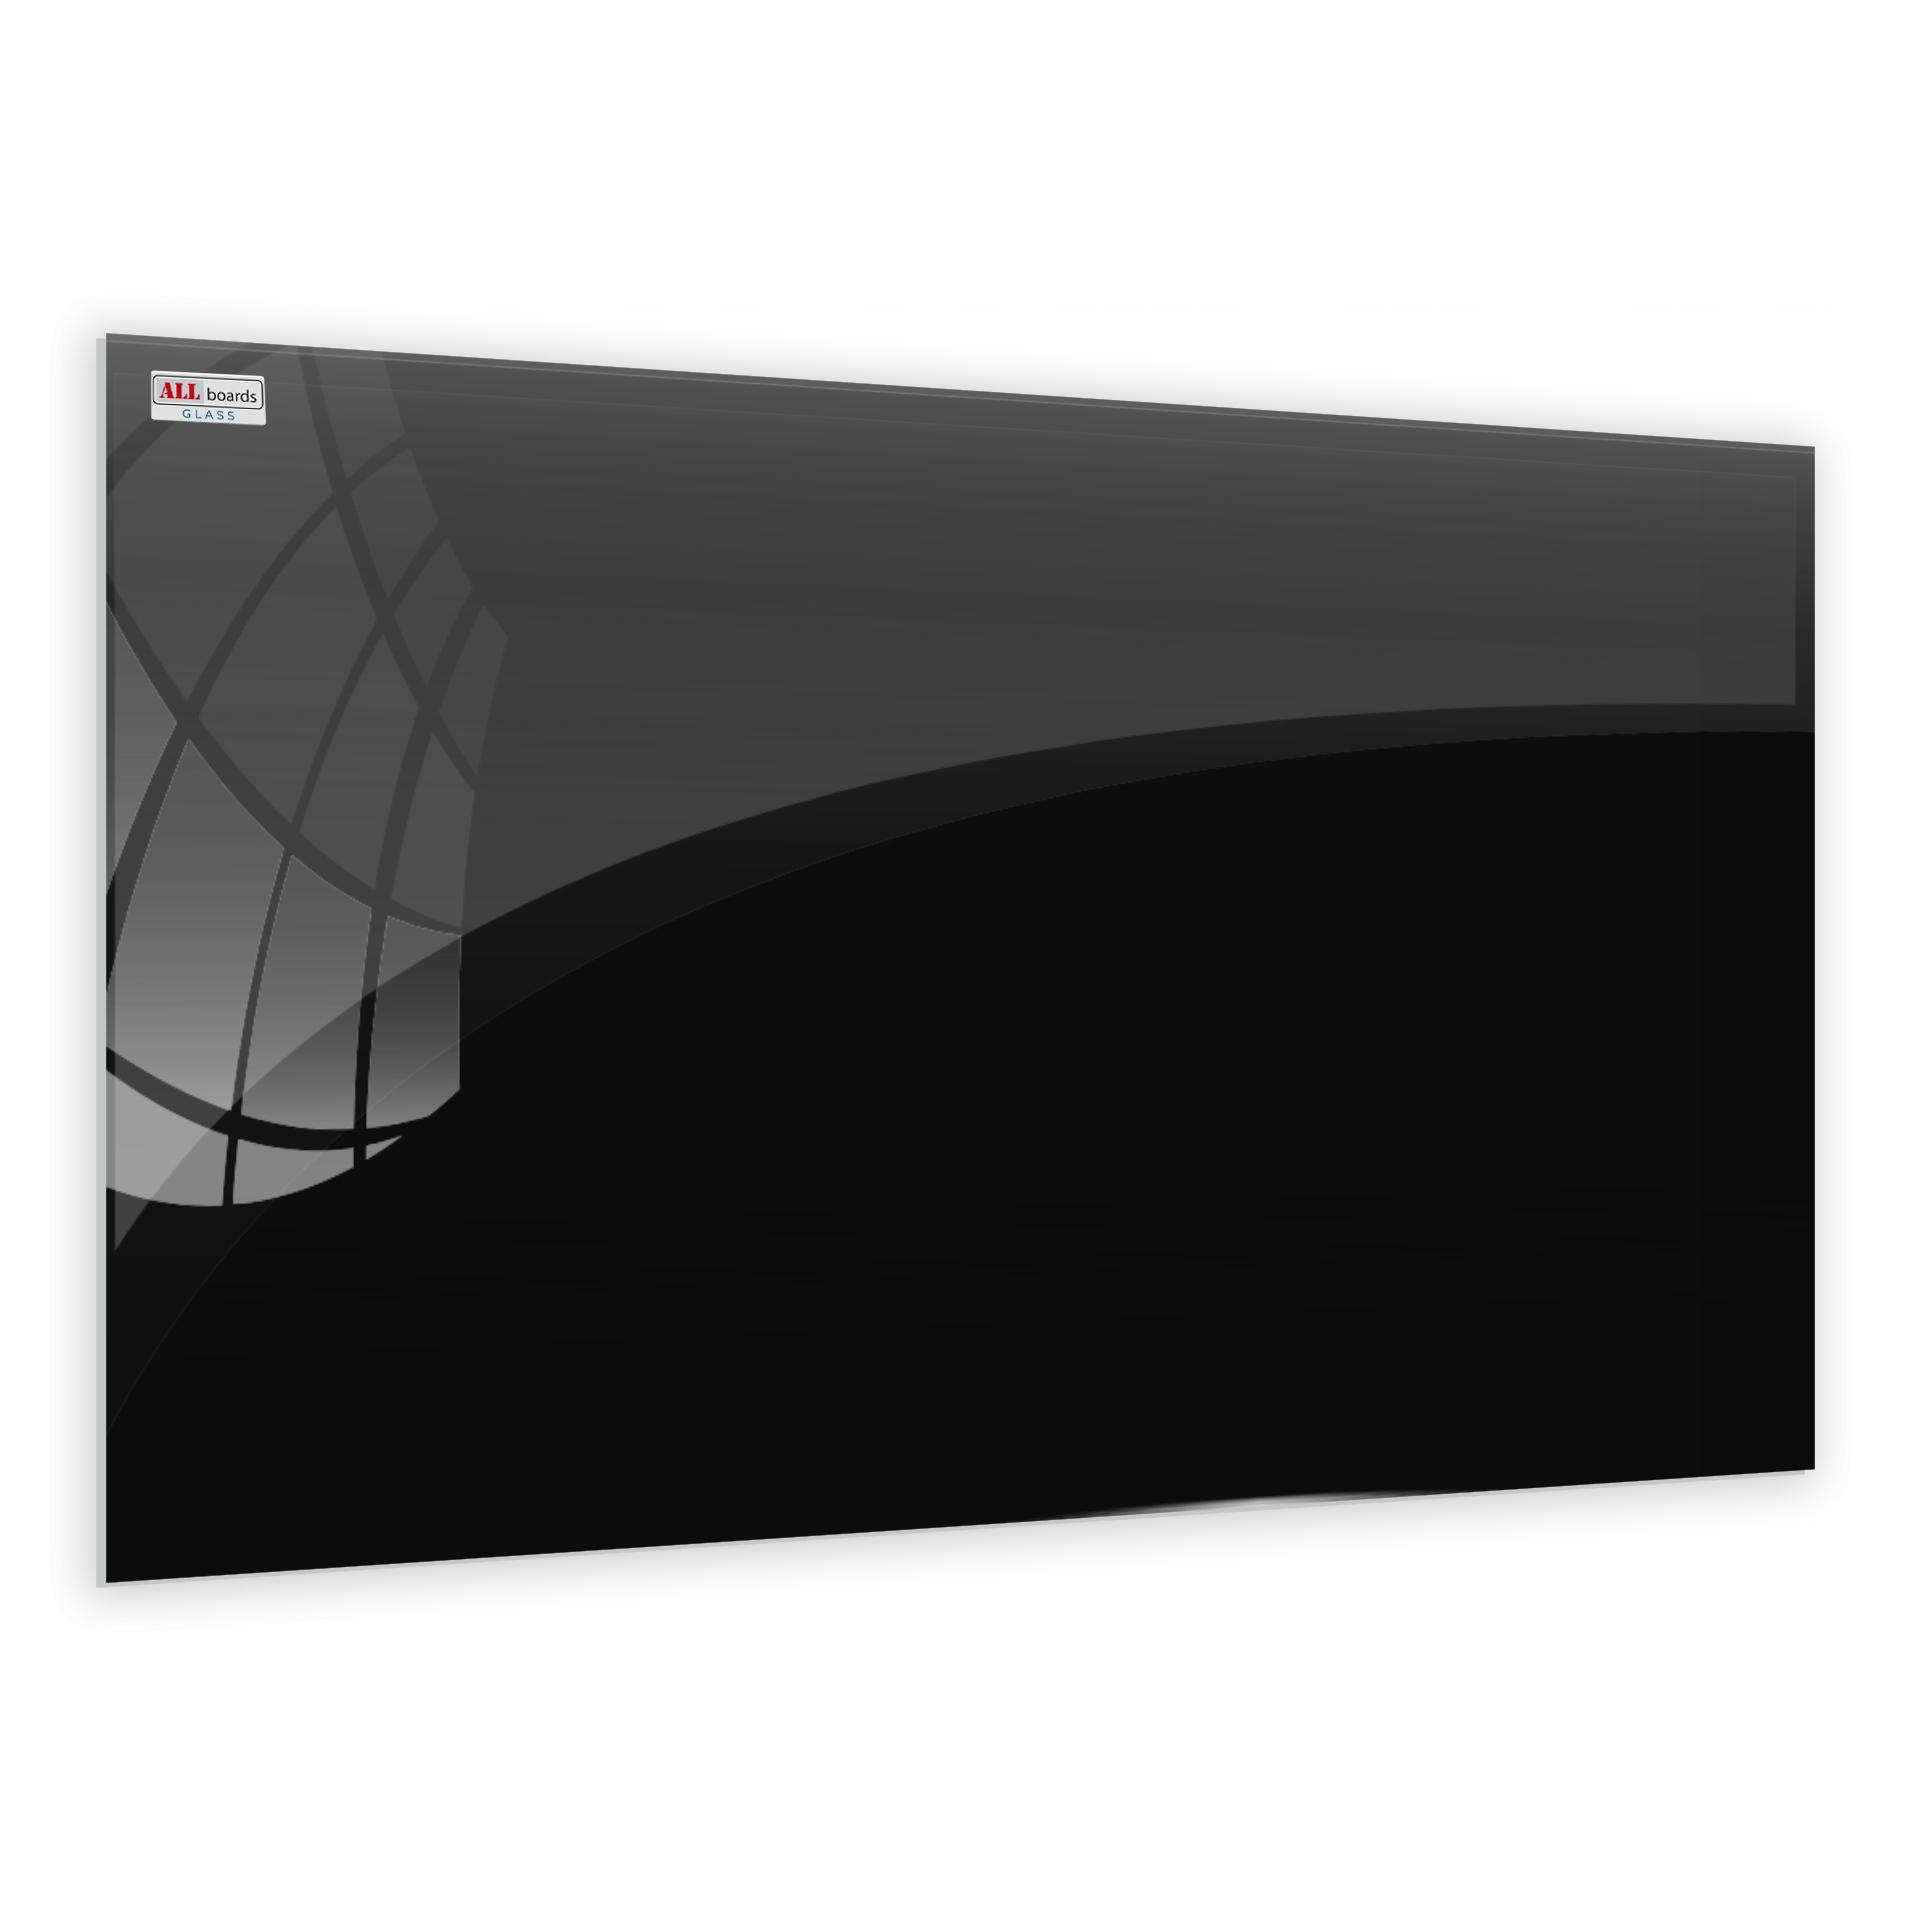 Magnetická sklenená tabuľa ČIERNA 90x60 + ZDARMA Kód produktu TS90x60BK